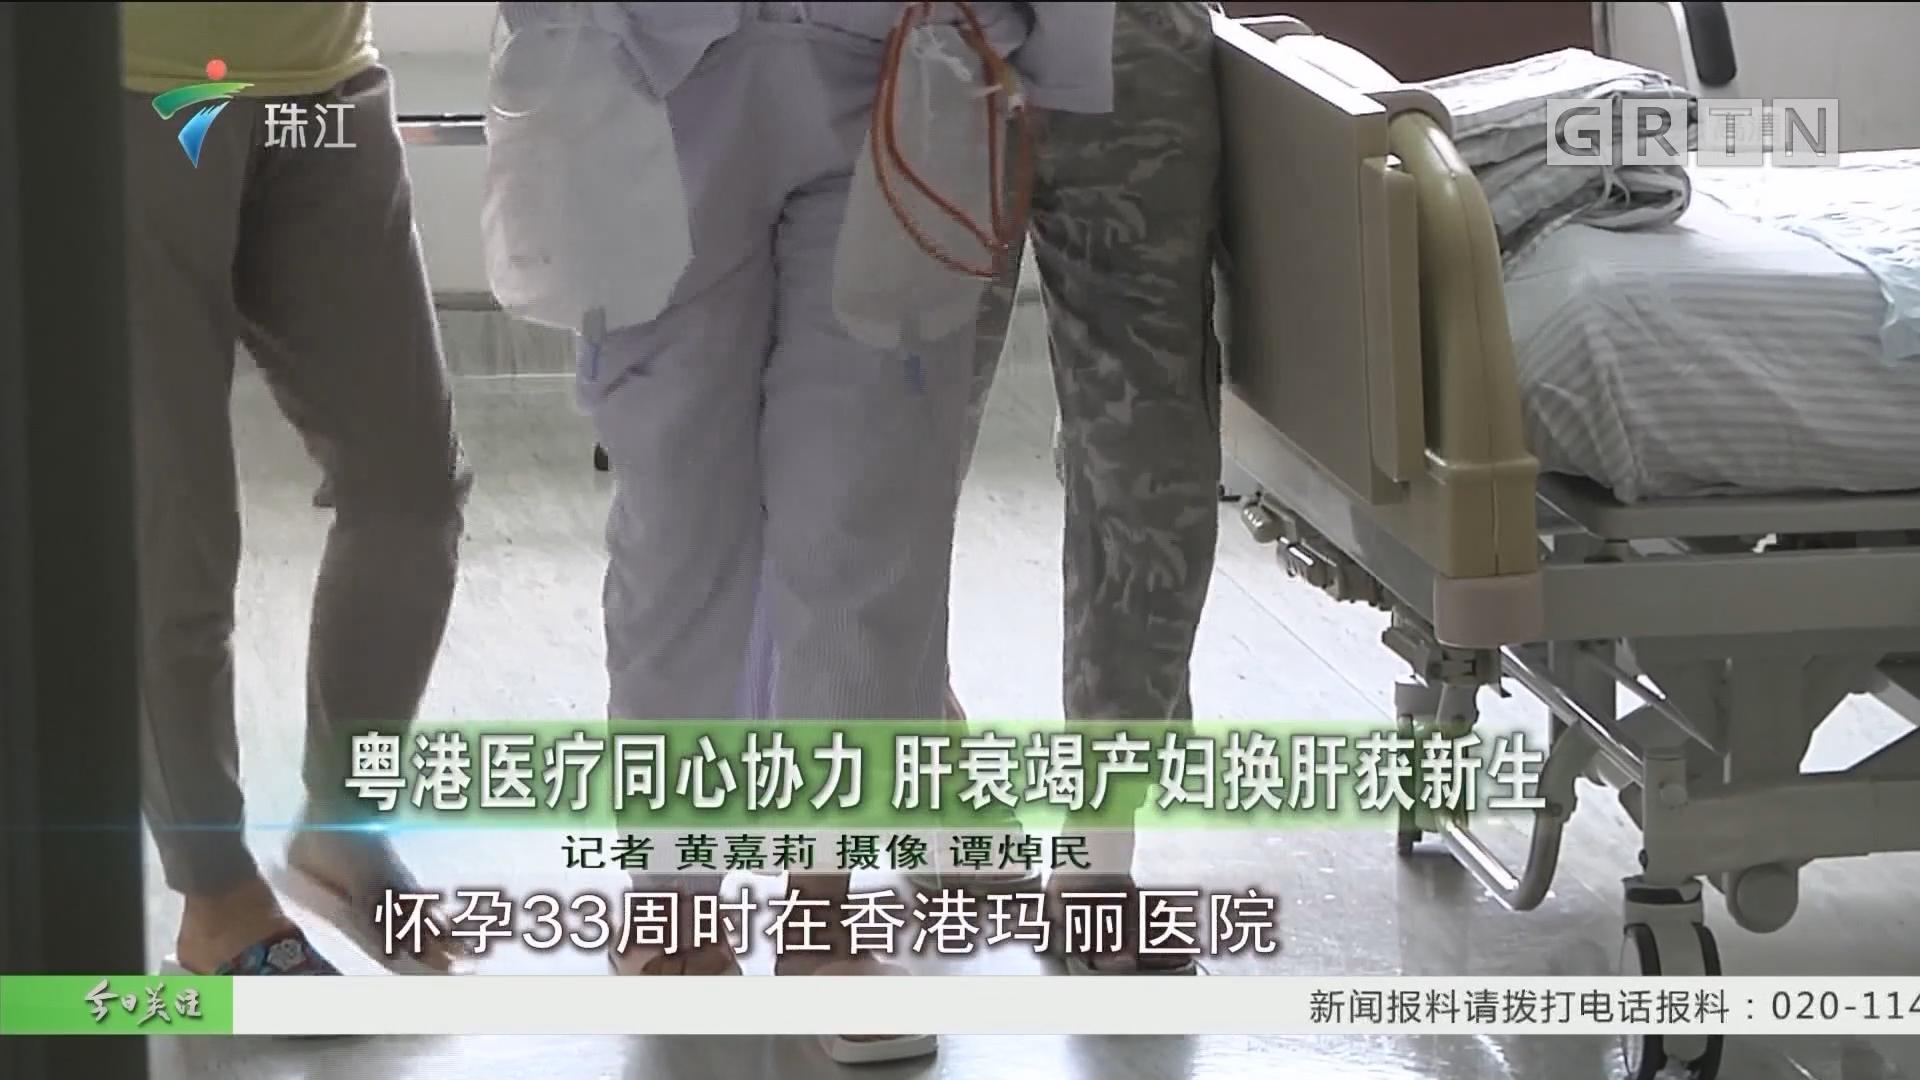 粤港医疗同心协力 肝衰竭产妇换肝获新生